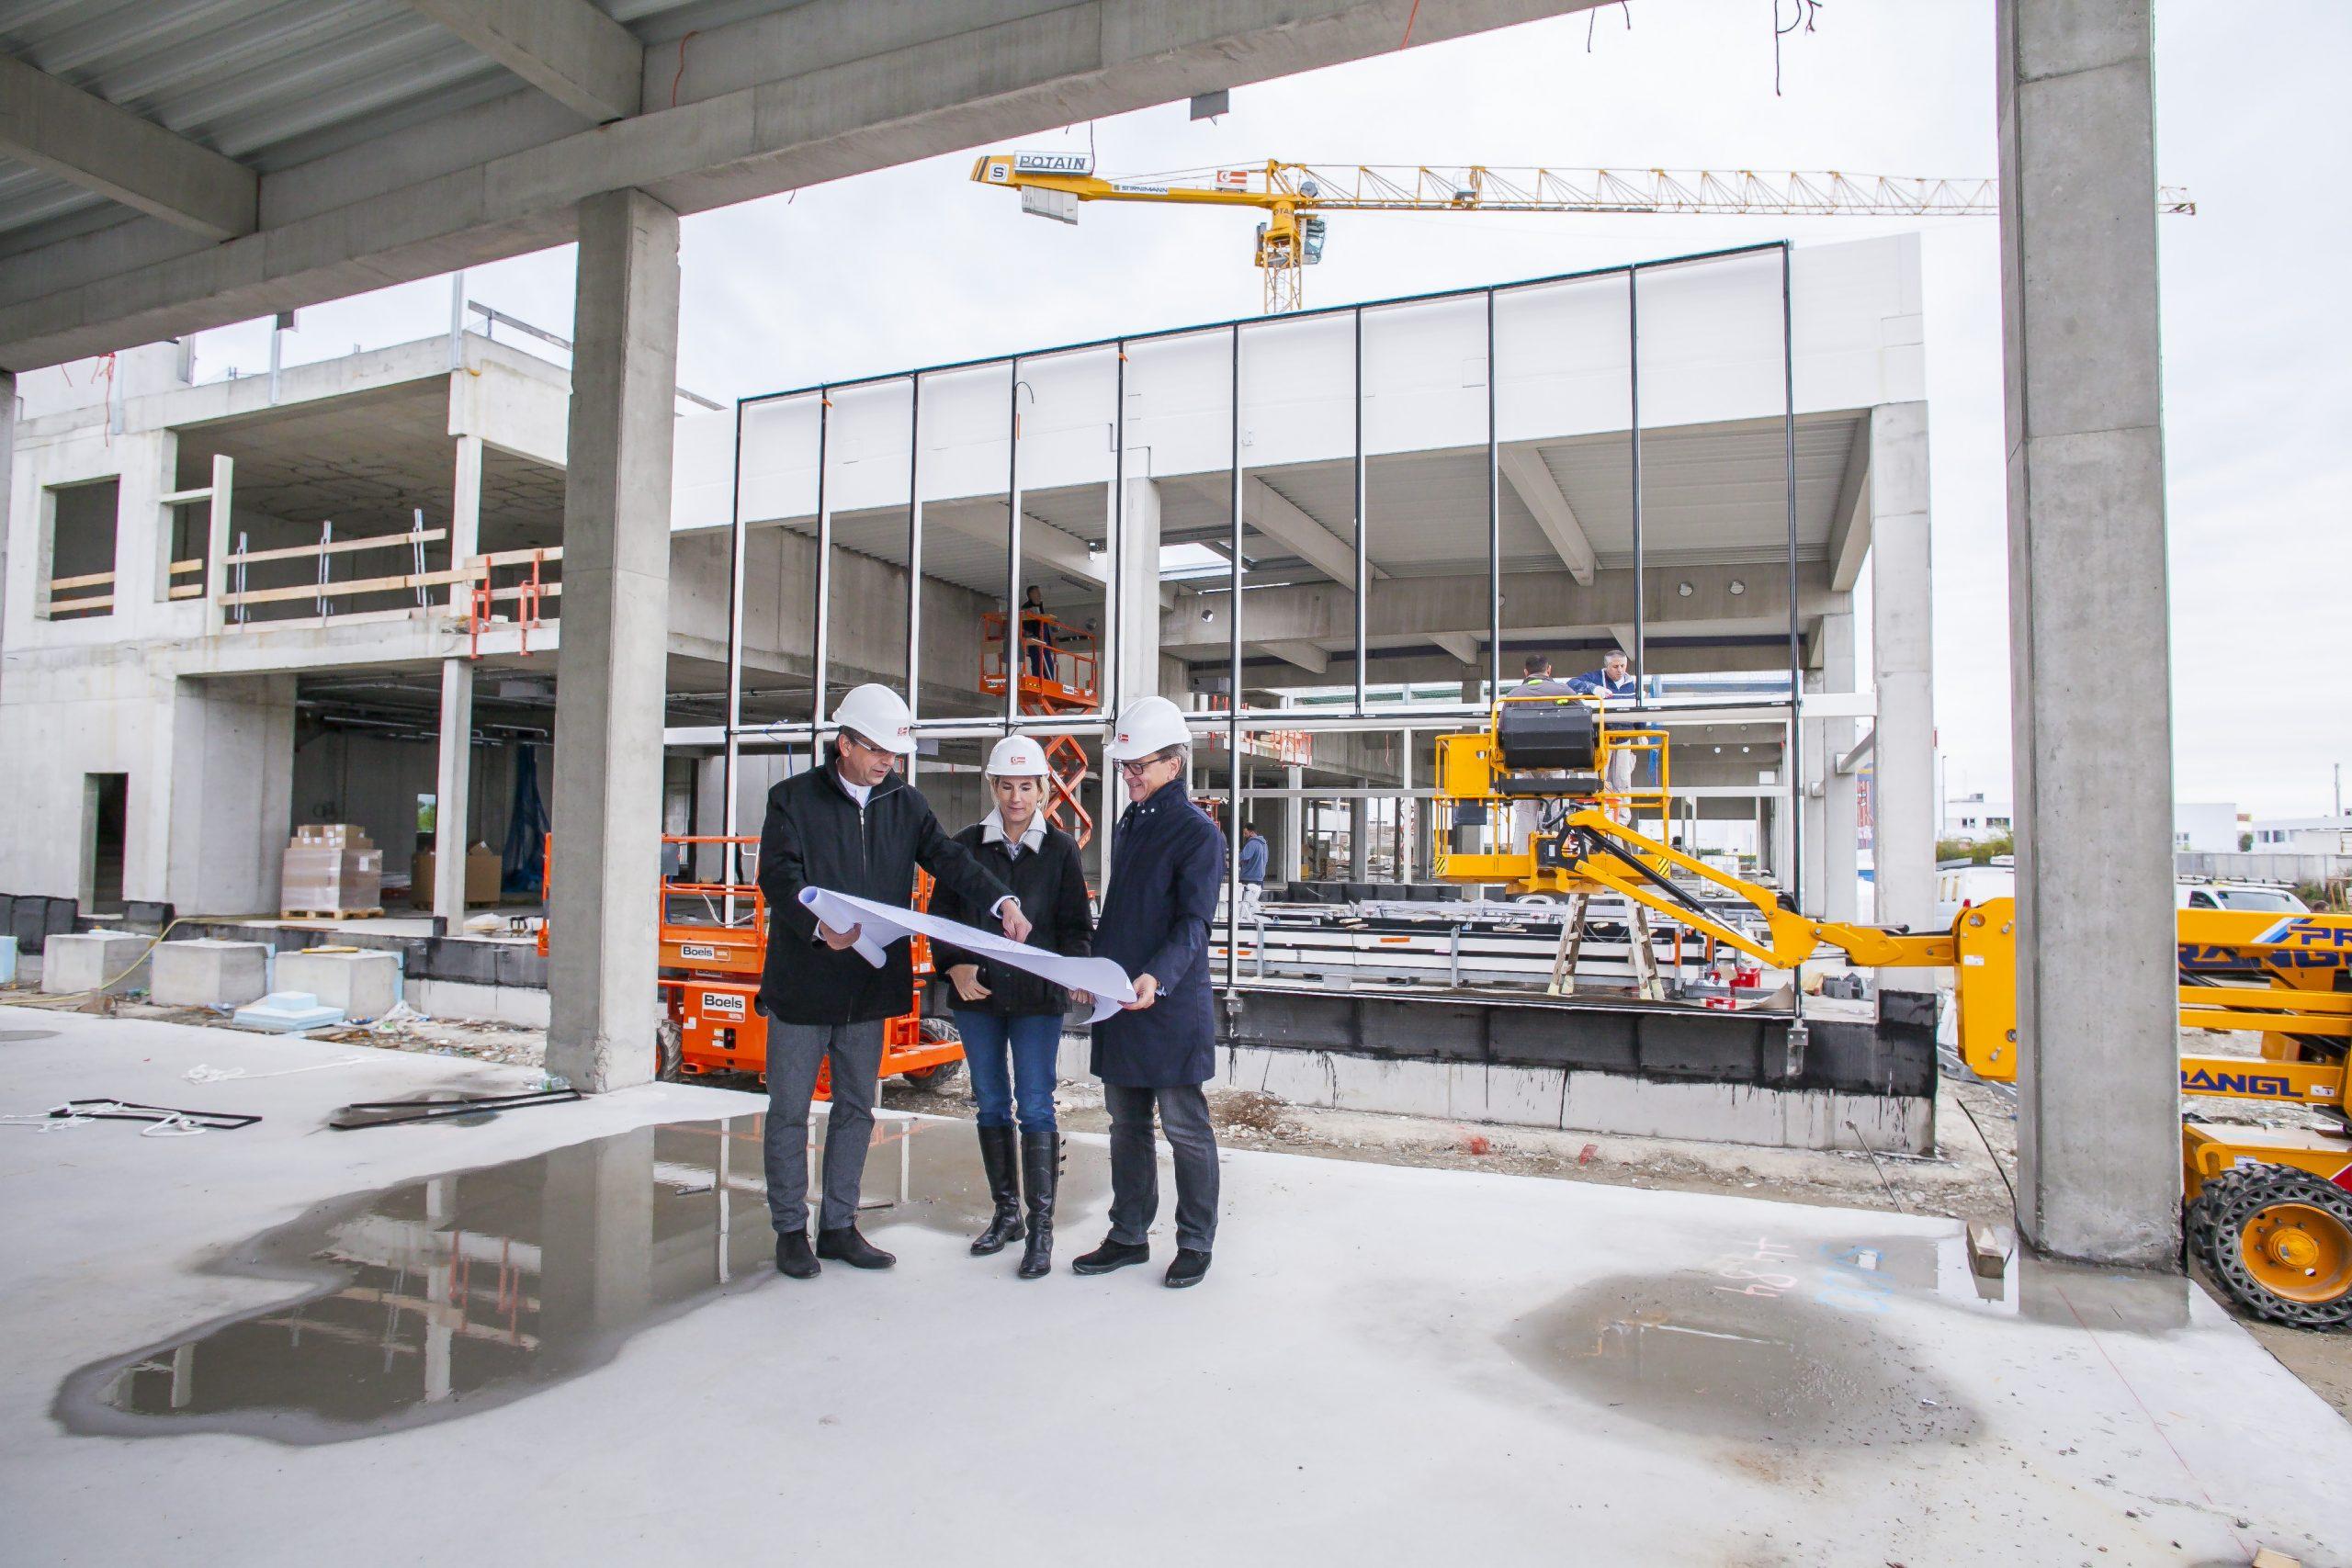 Baustellenbegehung mit DI Bernhard Hamann (Architekt), Mag. Isabella Keusch, MAS und Ing. Gernot Keusch in der Schillingstraße 4